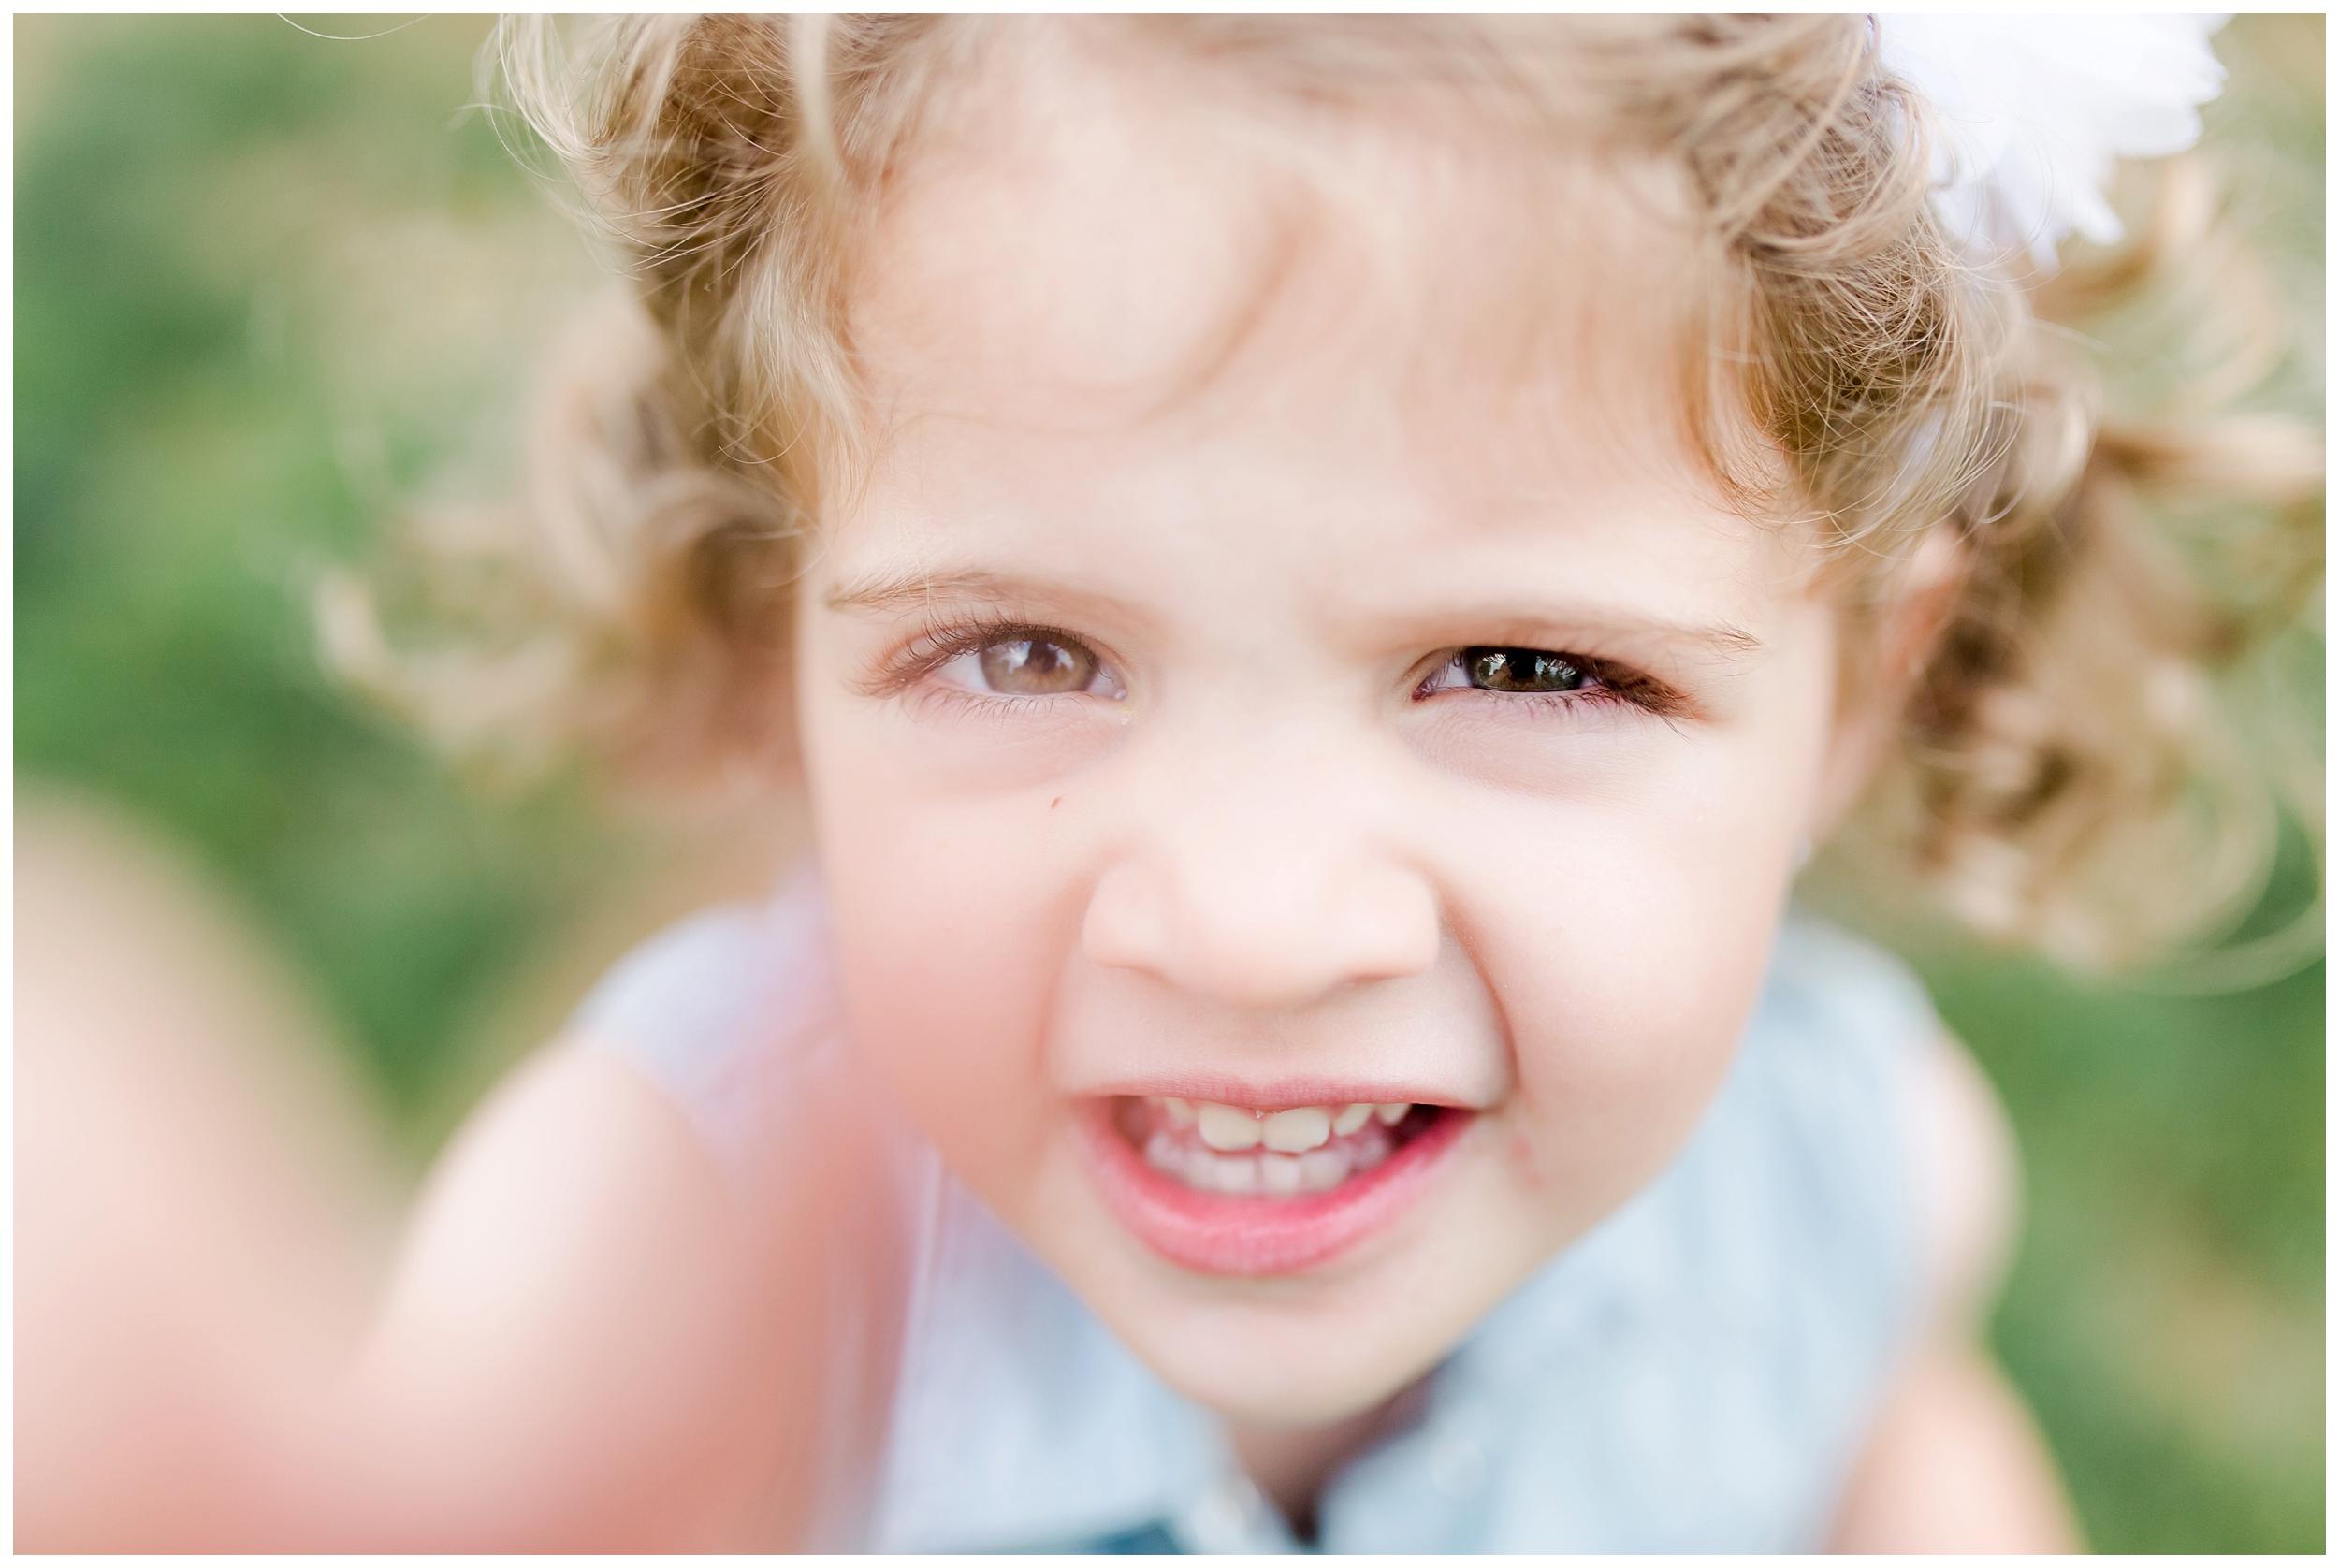 lexington-ky-family-lifestyle-photos-by-priscilla-baierlein_1169.jpg